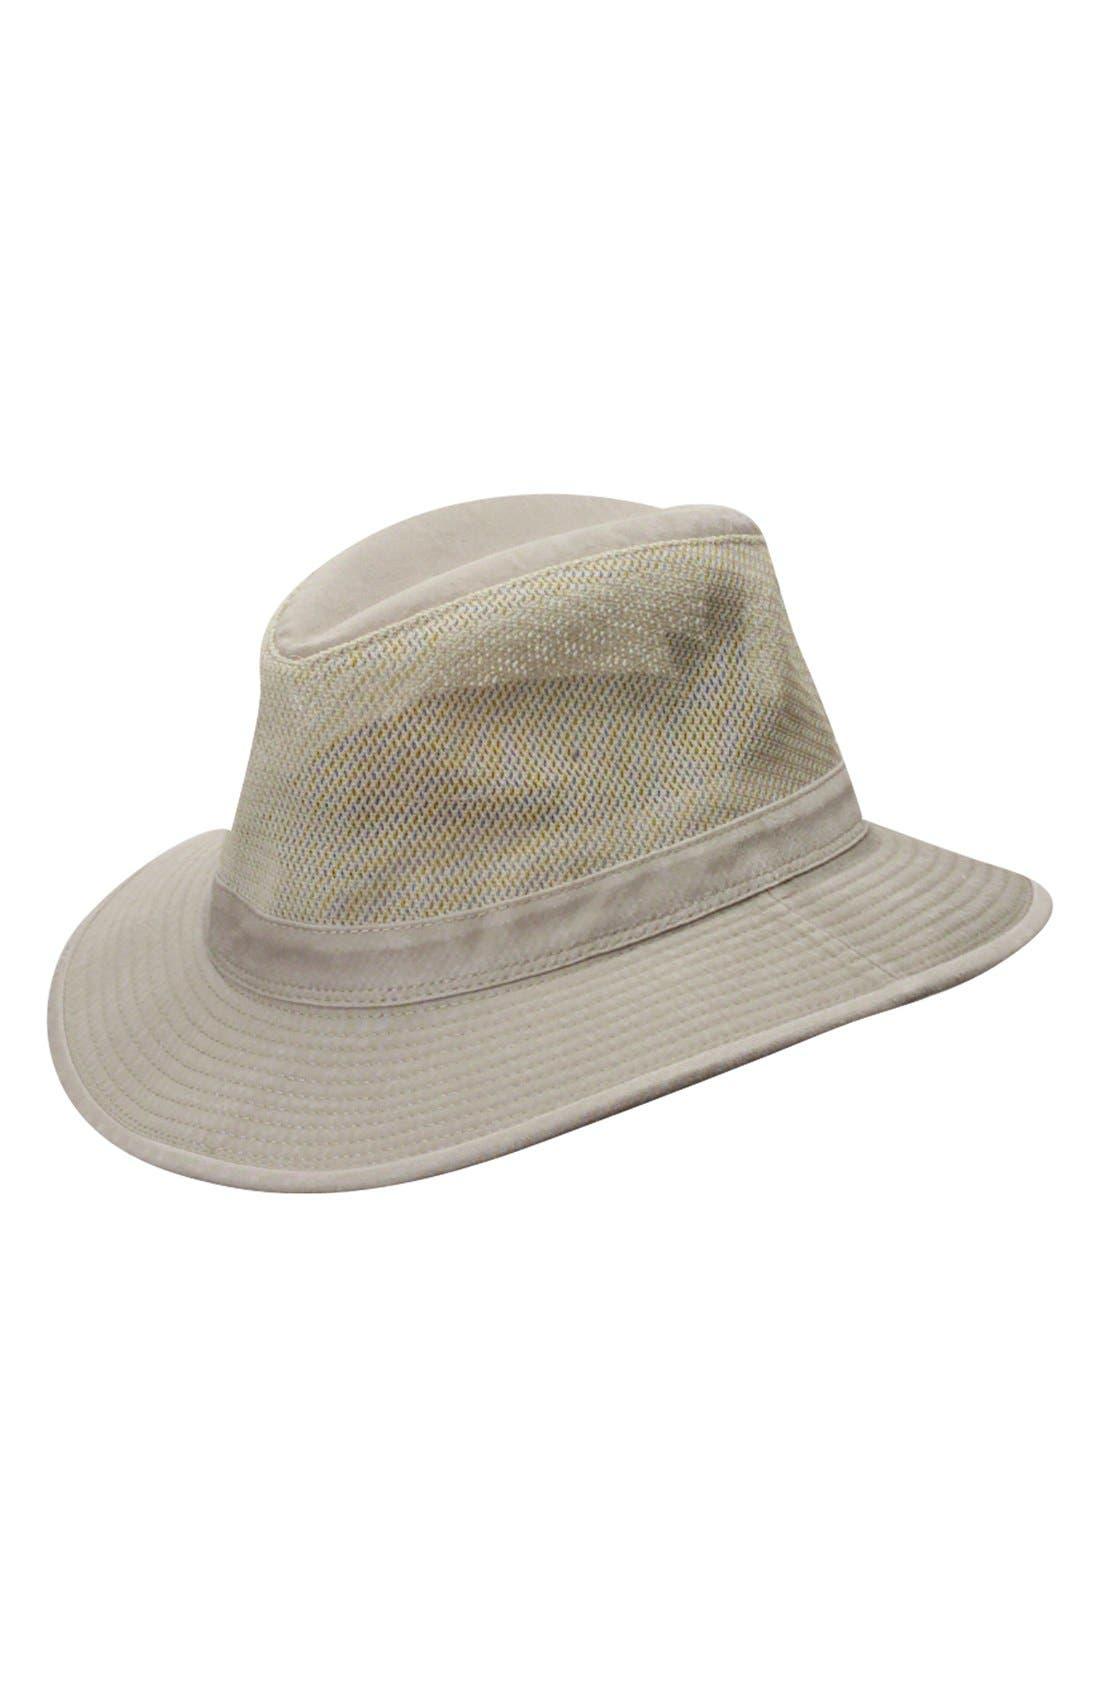 Washed Twill & Mesh Safari Hat,                         Main,                         color, Khaki